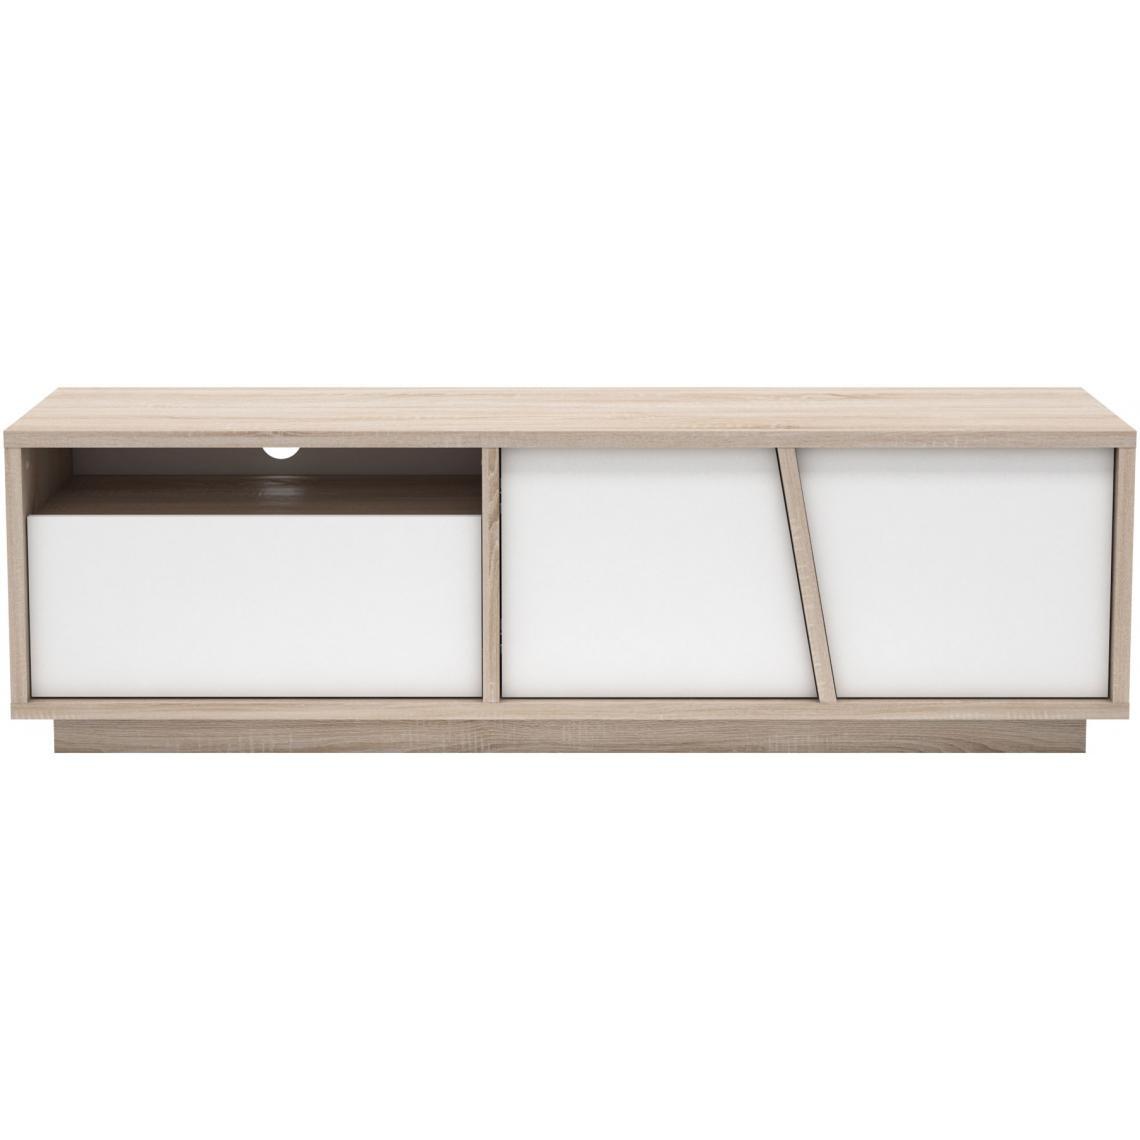 Meuble Tv Bibliothèque Blanc meuble tv beige et blanc avec 1 niche 1 tiroir et 2 portes jones plus de  détails